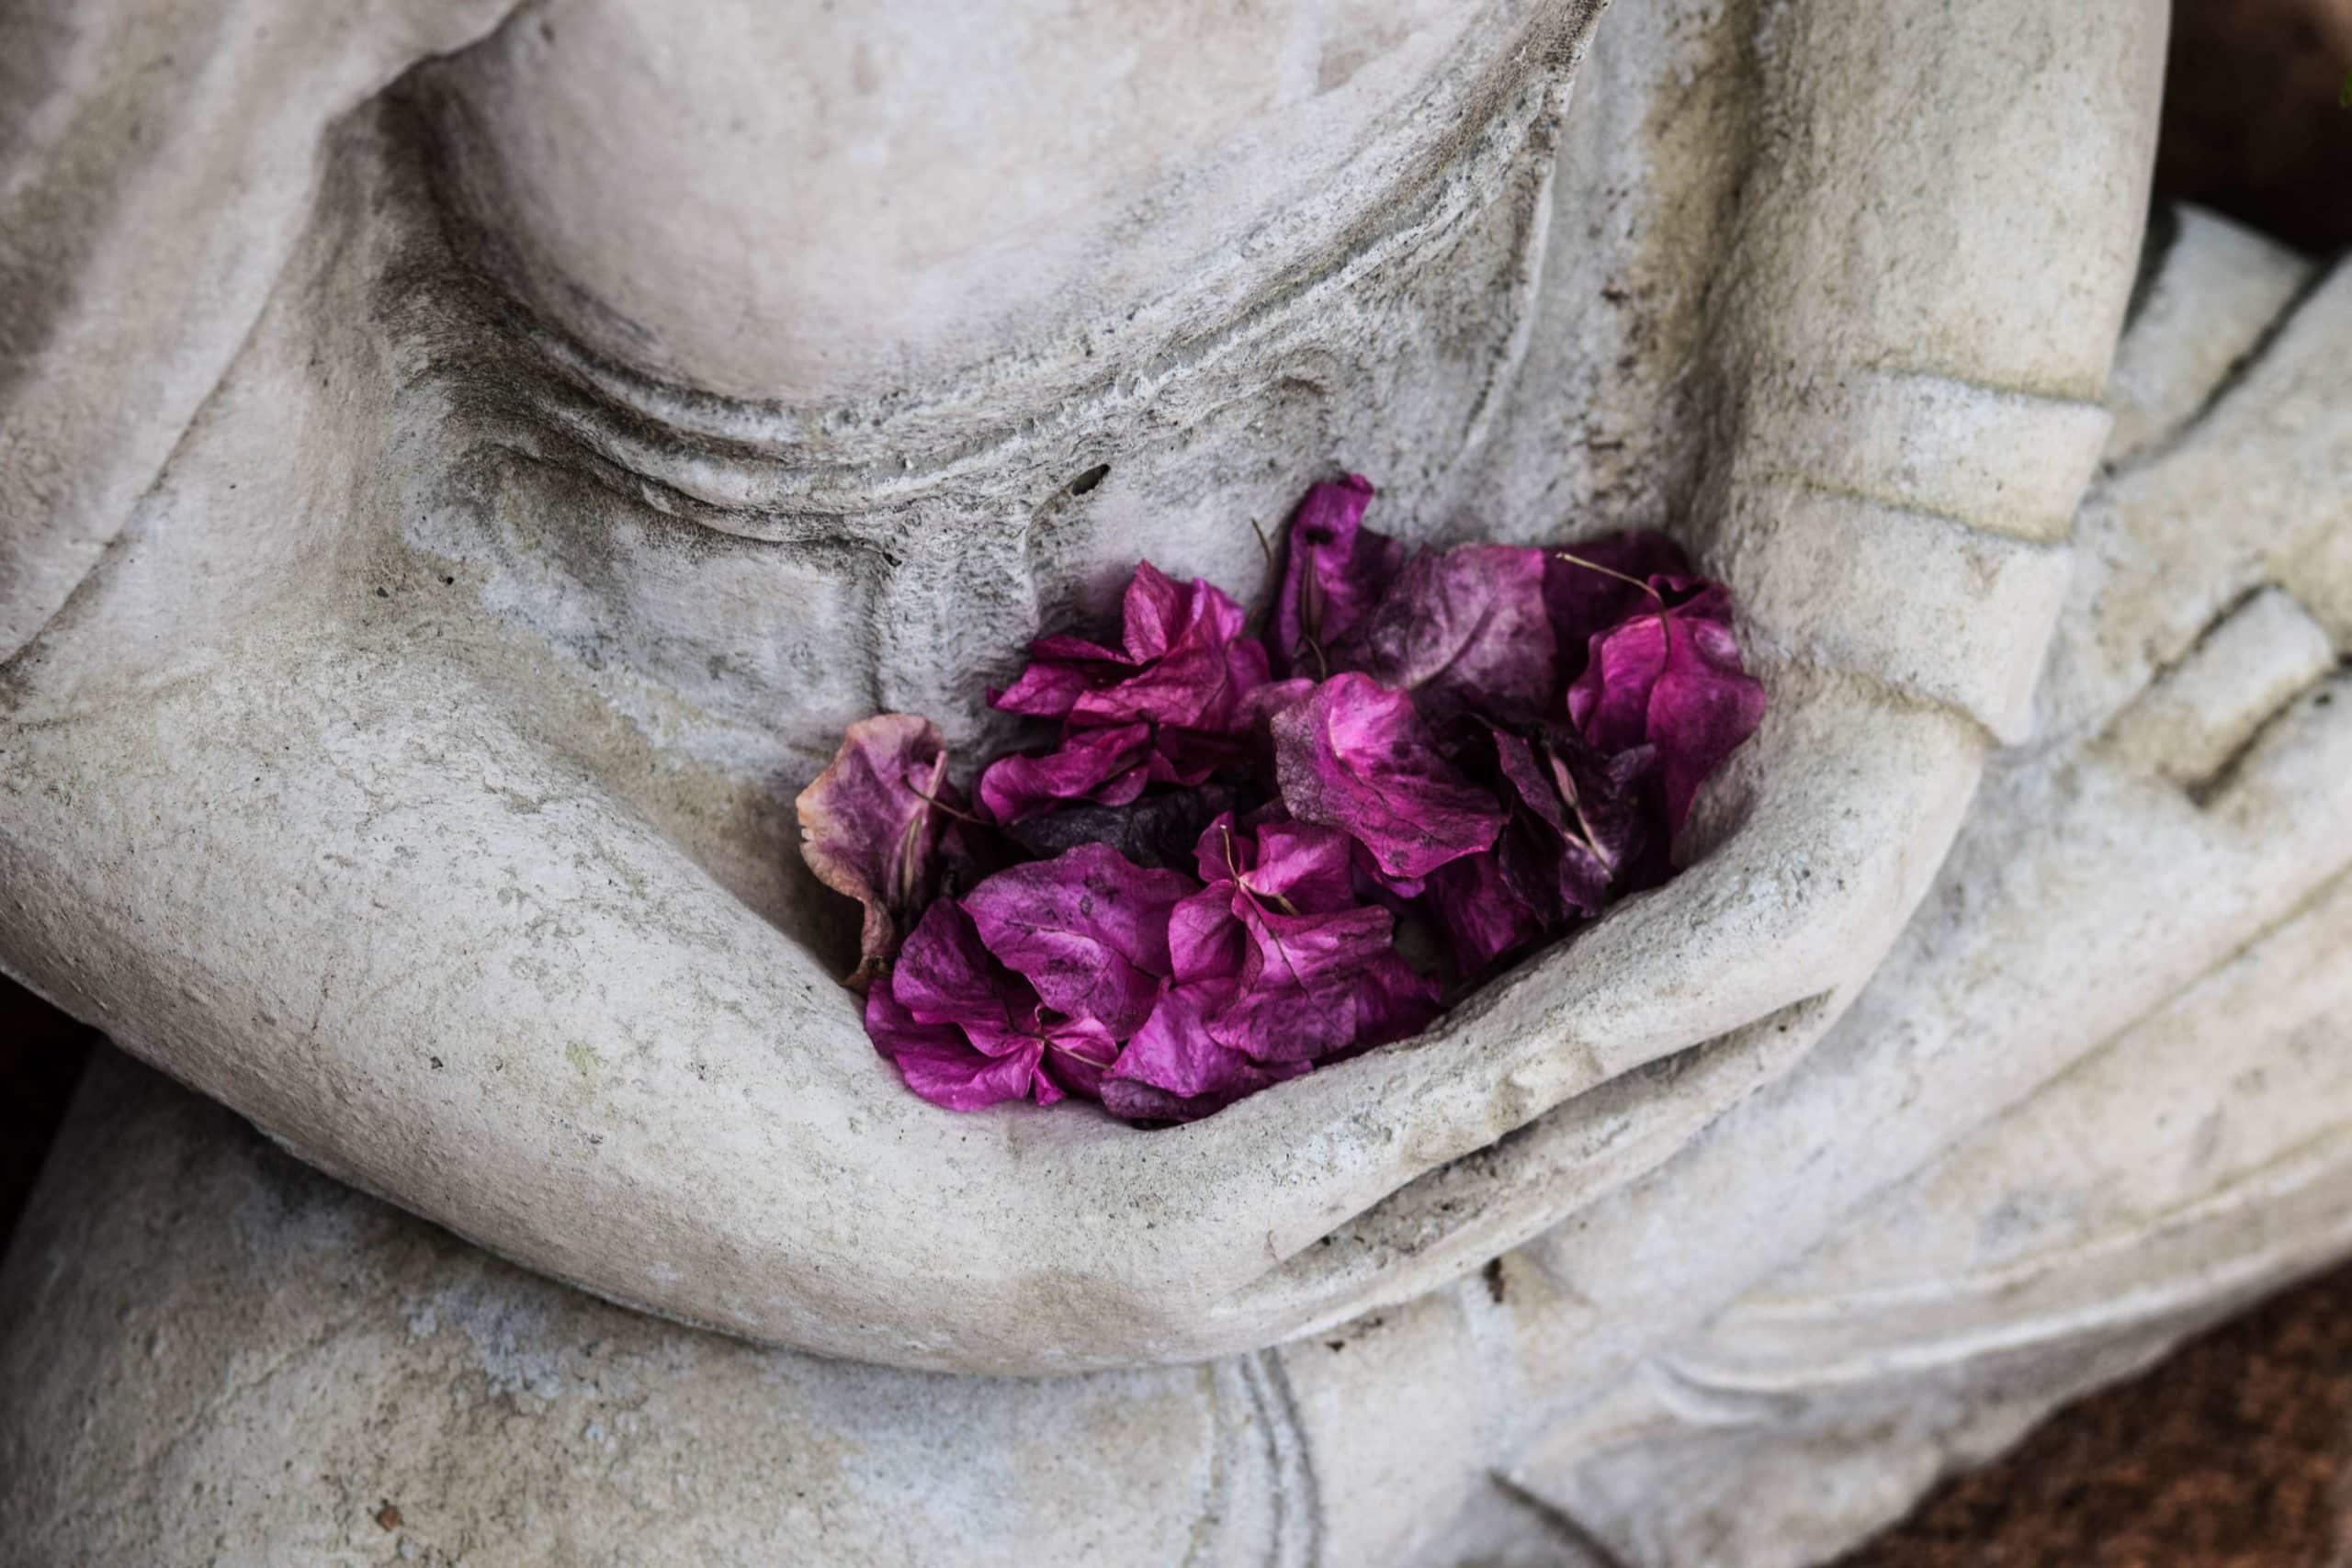 Buddhister Knoten Verbundenheit Liebe Glückssymbol © chris ensey/unsplash Yogannetteblog.de